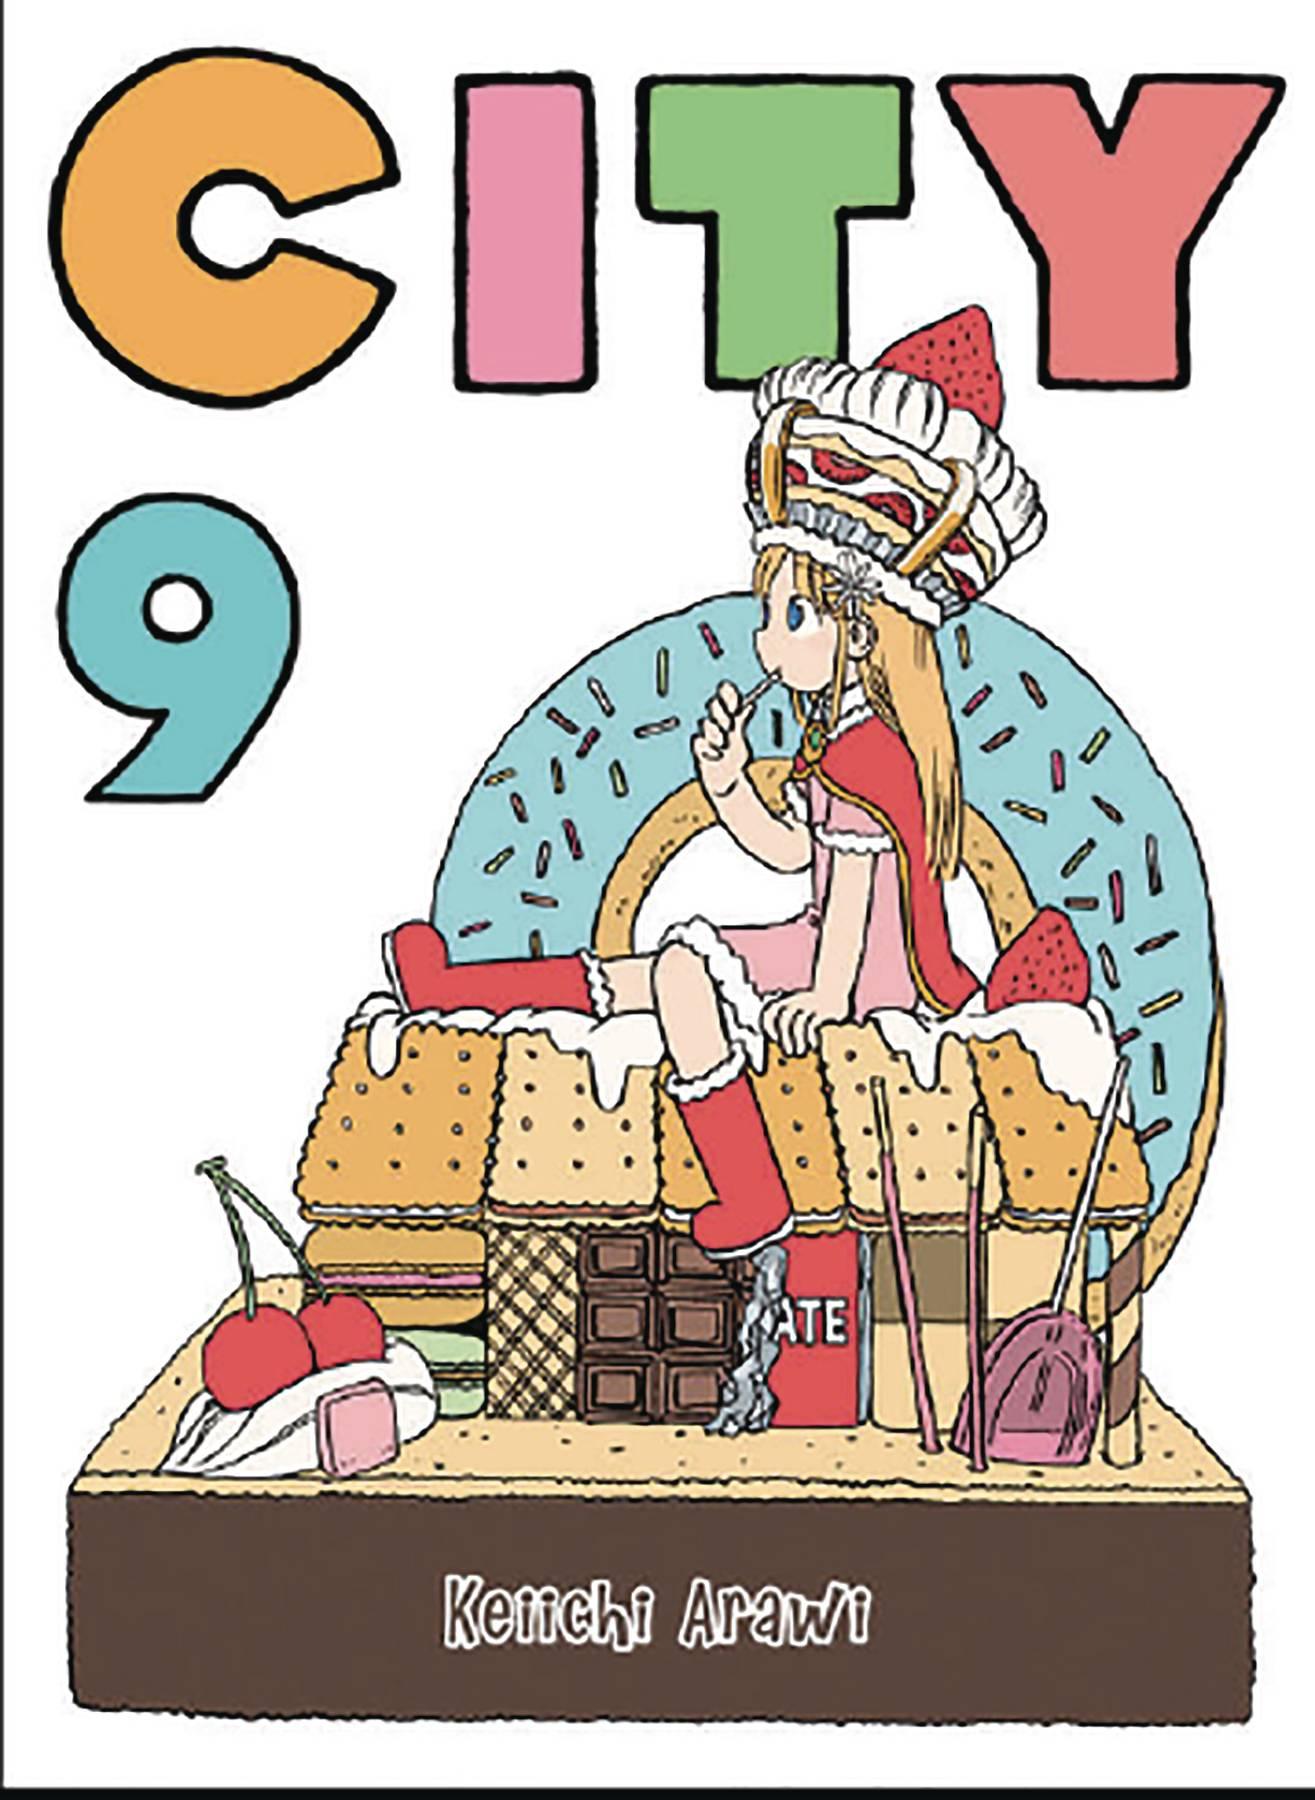 CITY GN 09